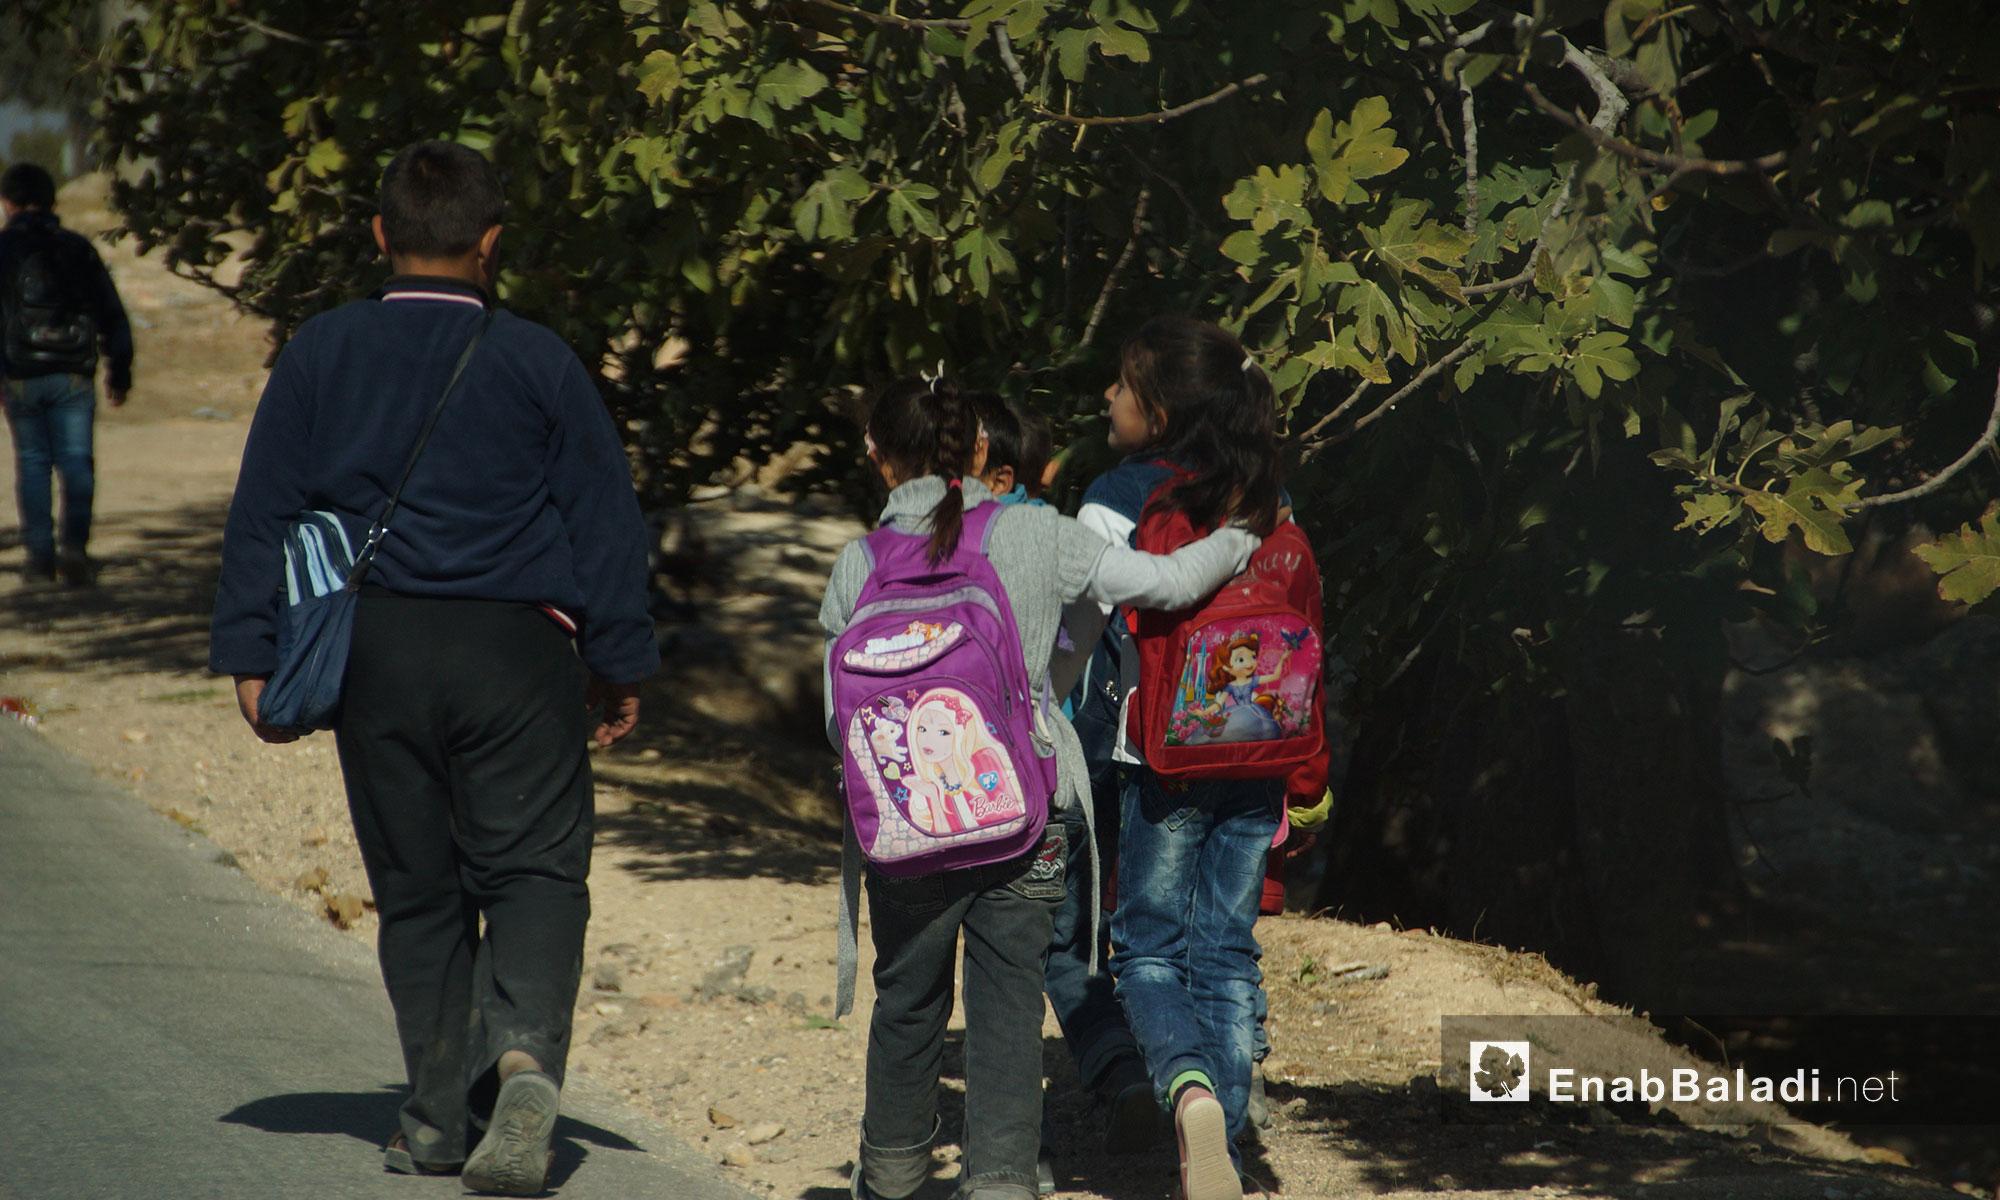 طلاب مدرسة في بلدة التمانعة في ريف إدلب الجنوبي - 24 تشرين الثاني 2016 (عنب بلدي)